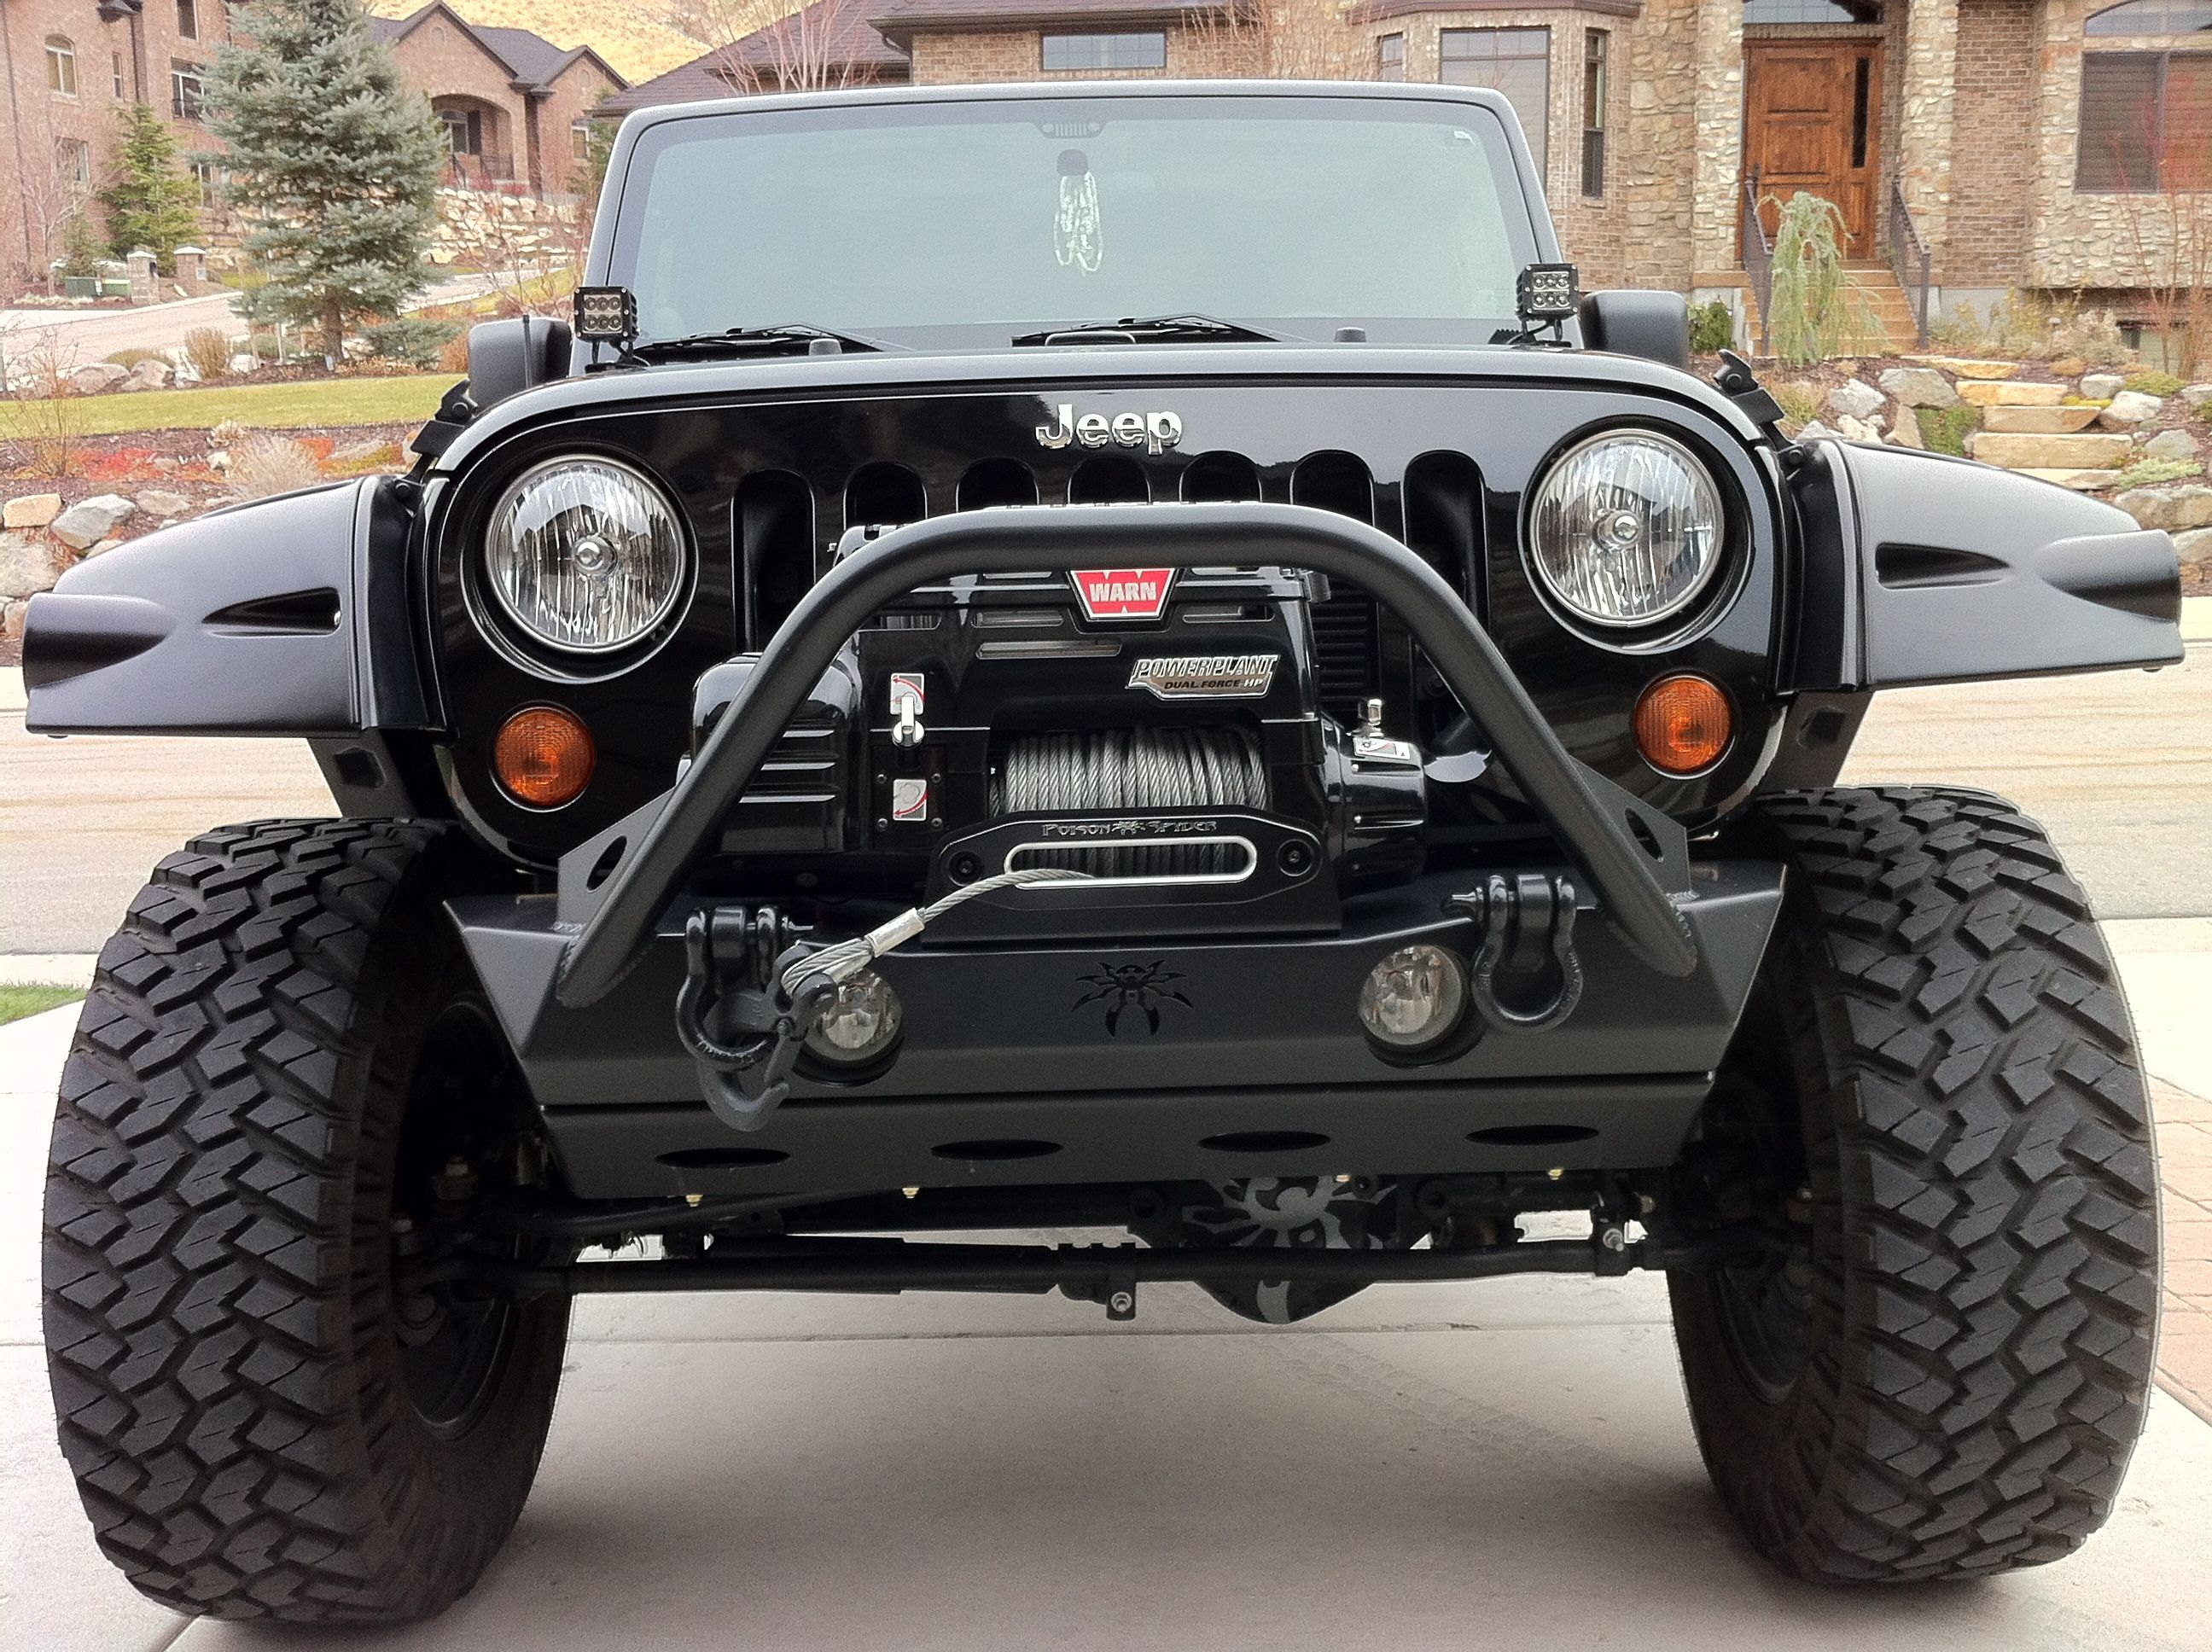 2012 Rubicon Jeep Jk Warn Winch Poison Spyder Bumper Every Rear Wrangler 2008